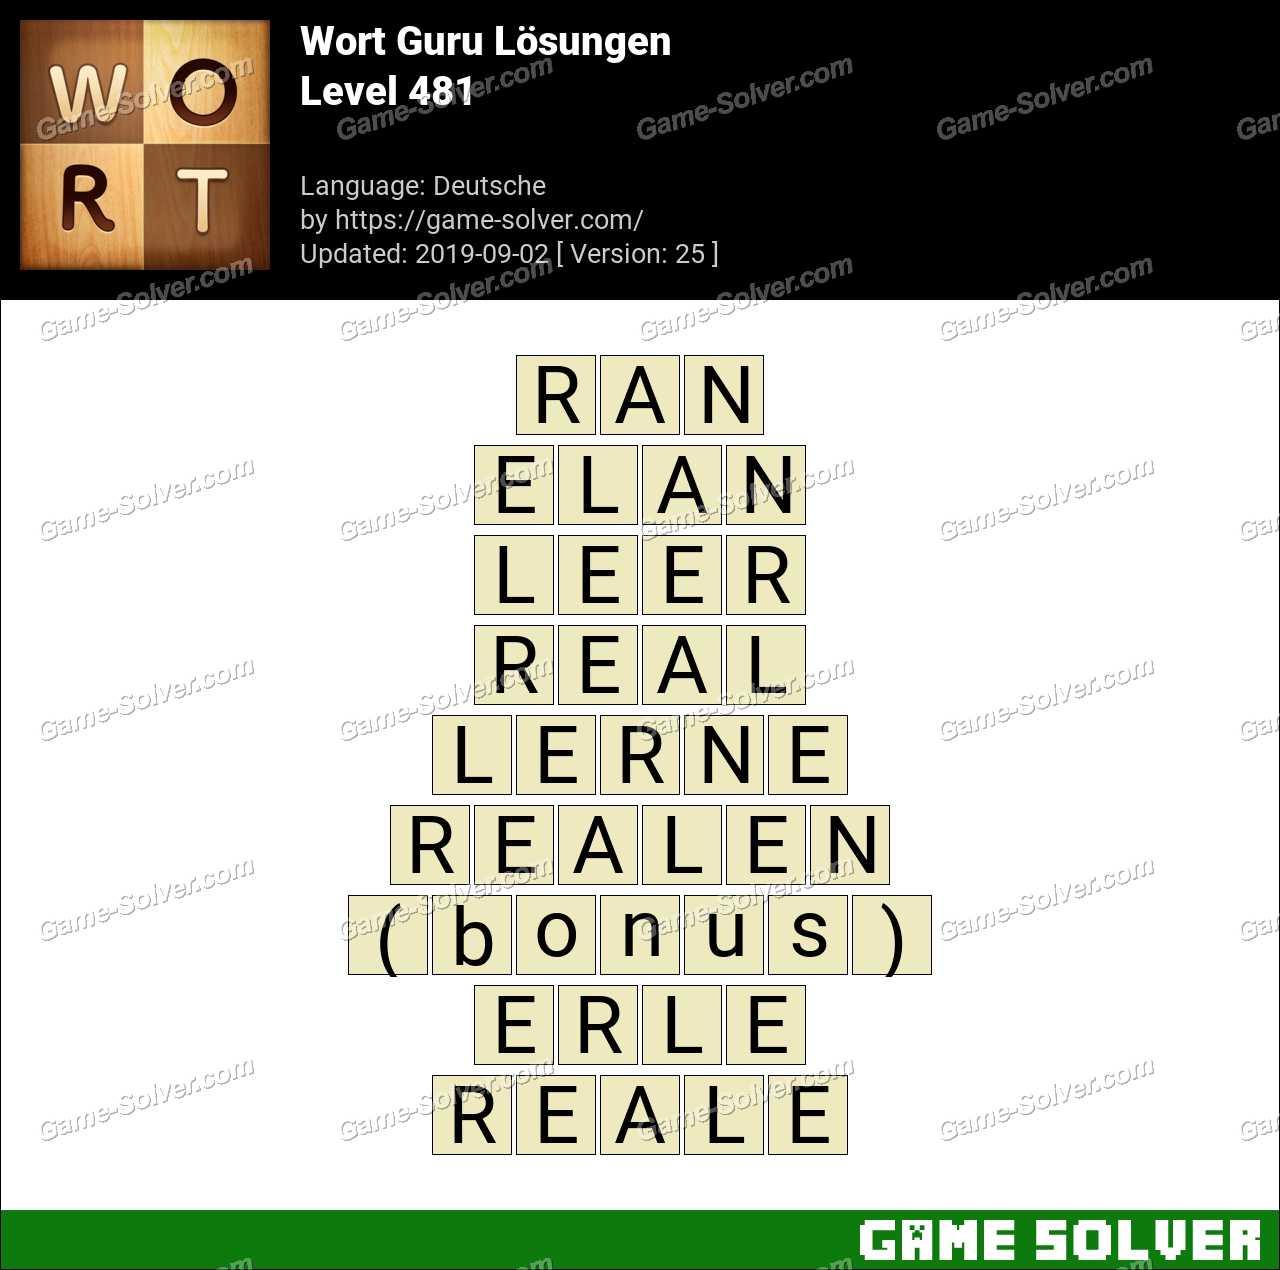 Wort Guru Level 481 Lösungen